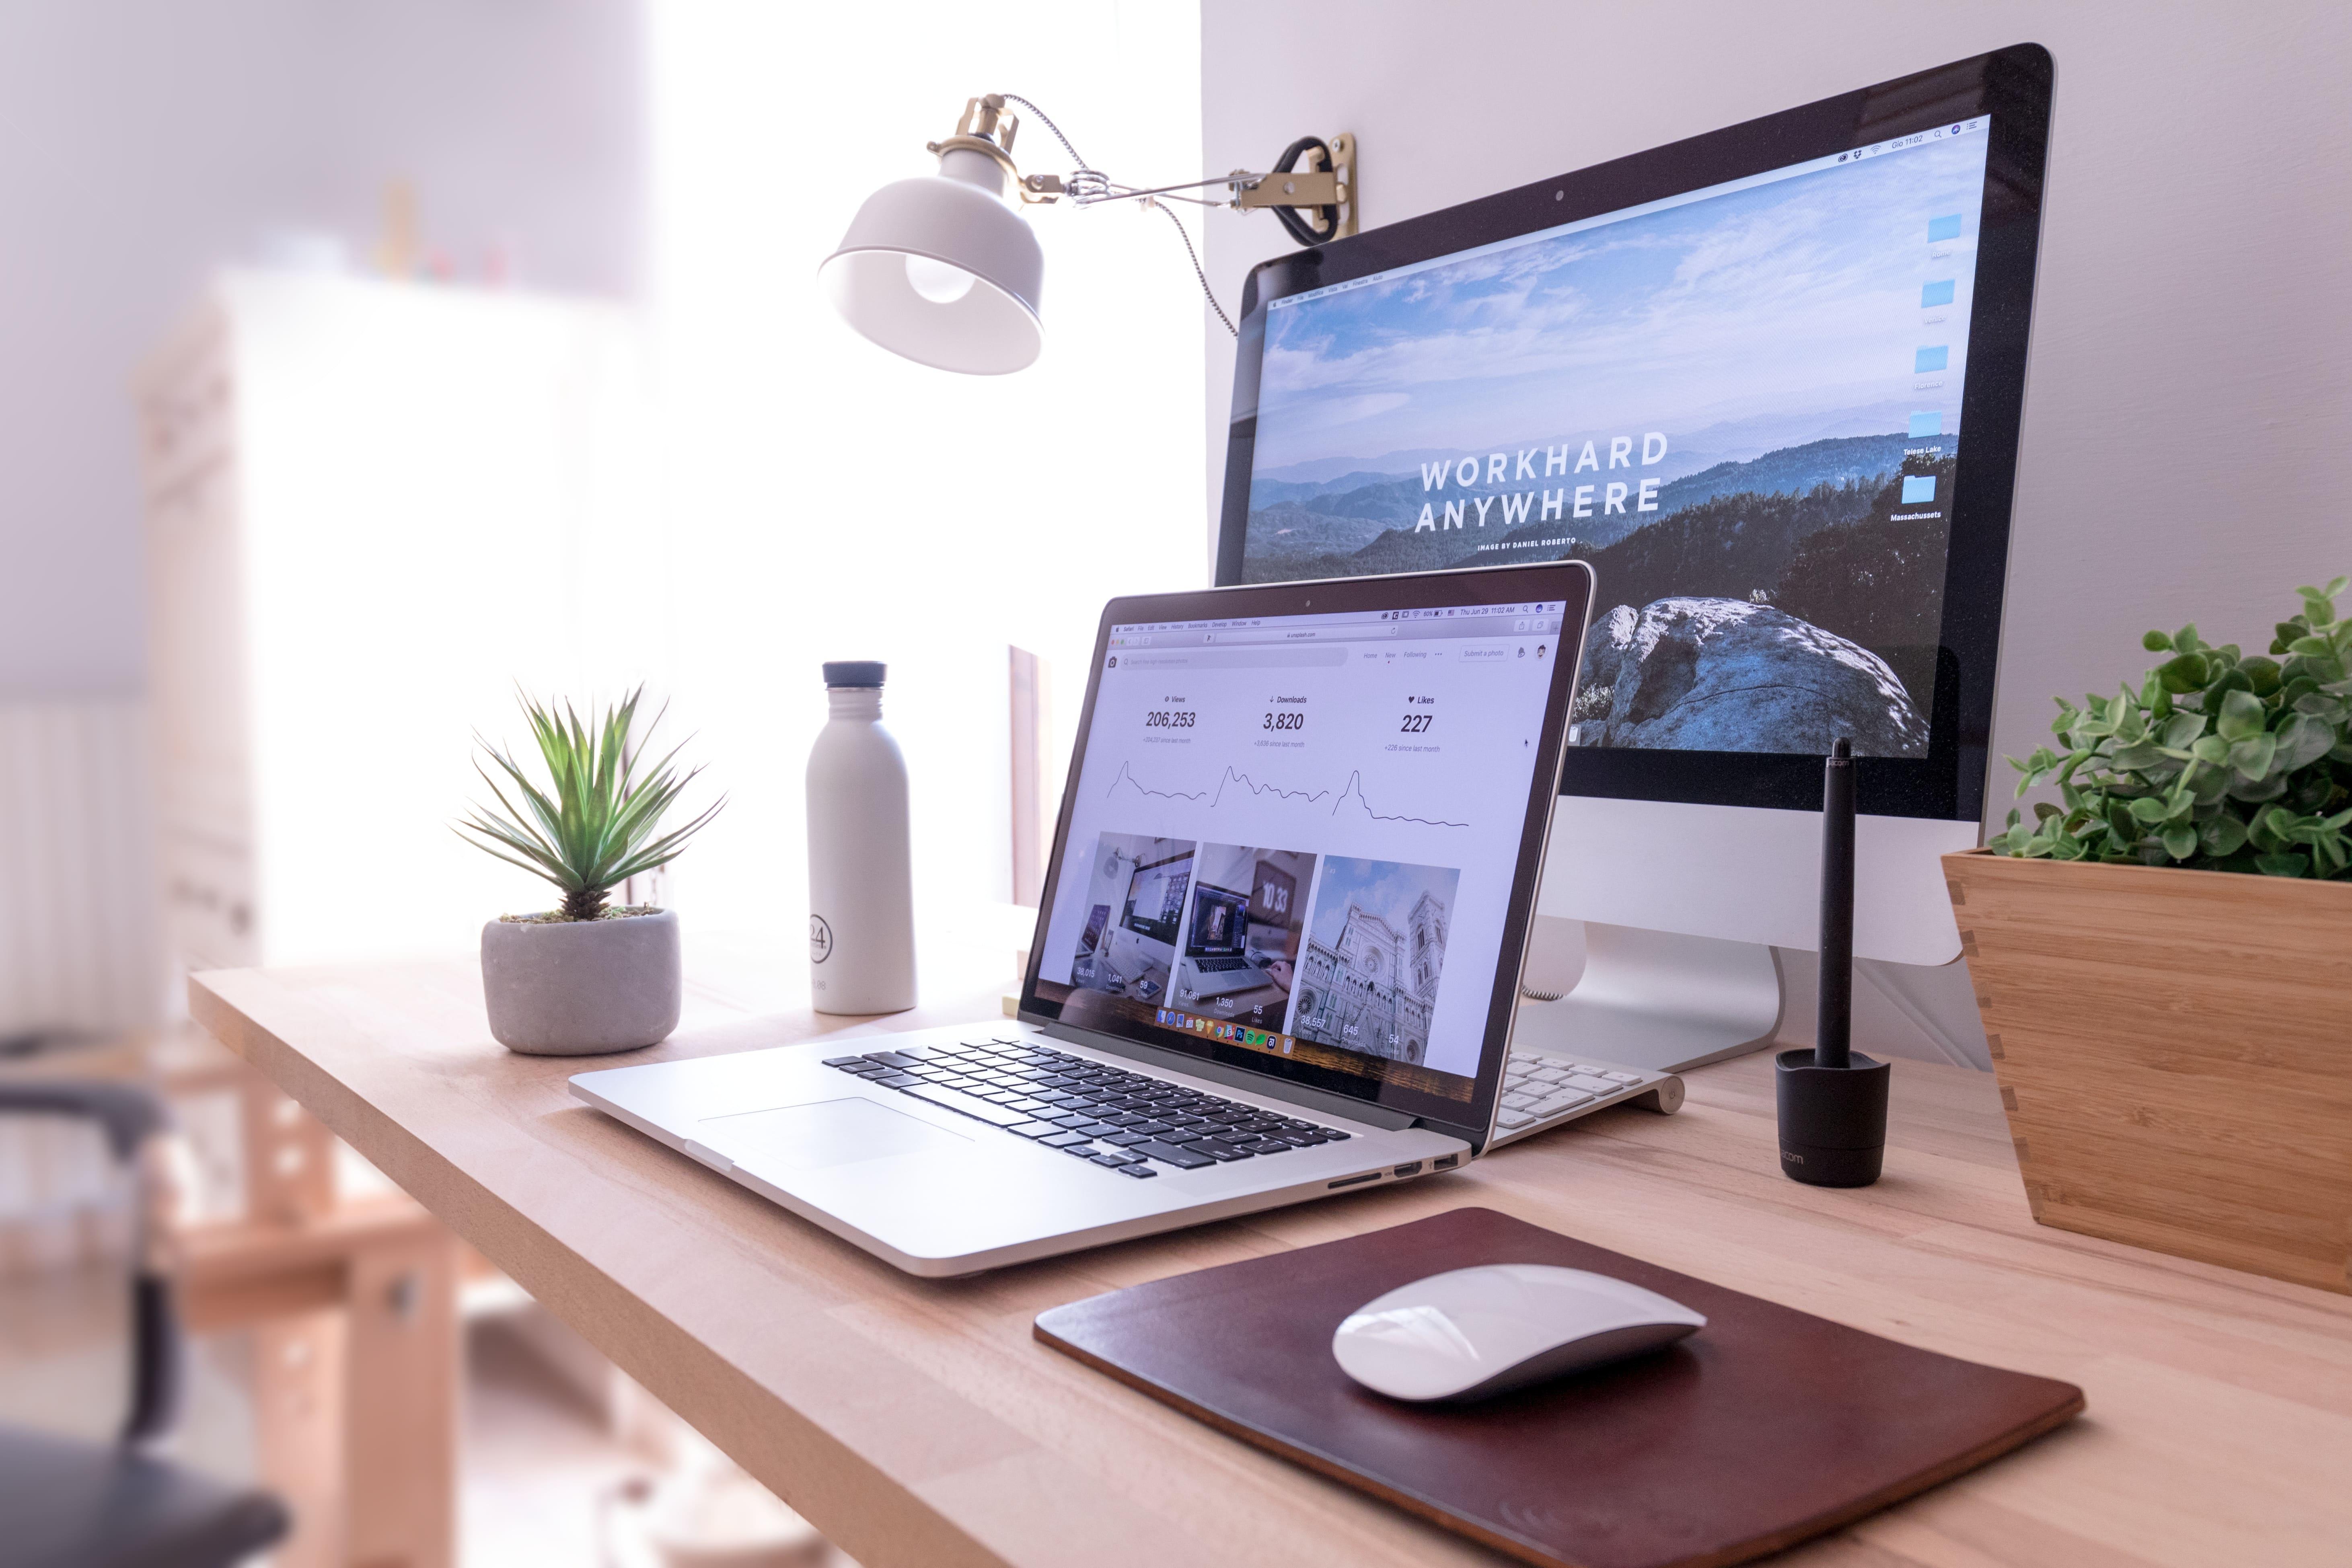 Praca z domu, praca zdalna, biurko z komputerem